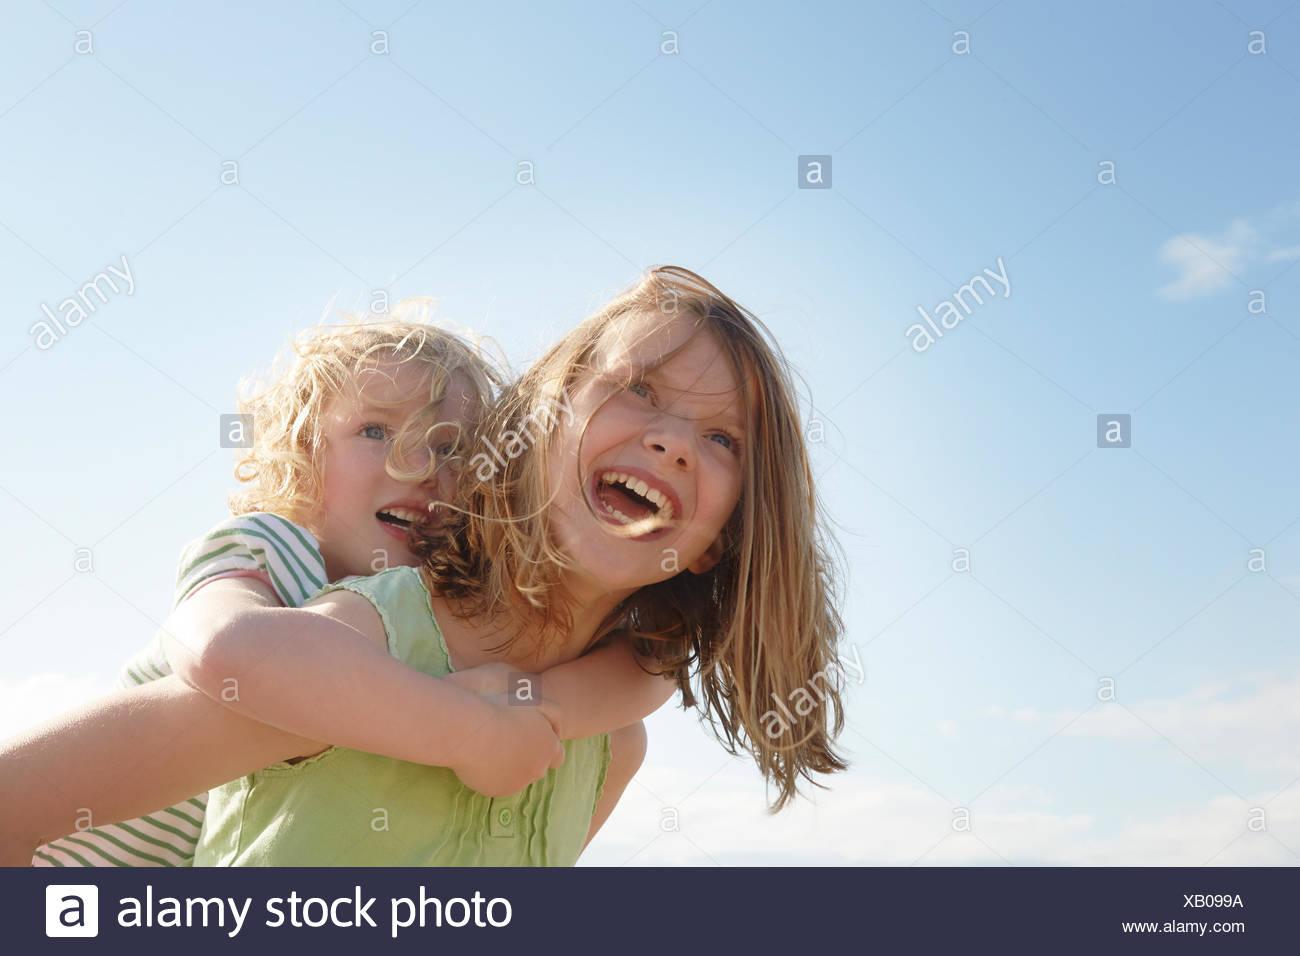 Basso angolo vista della ragazza dando sorella piggy back a costa Immagini Stock